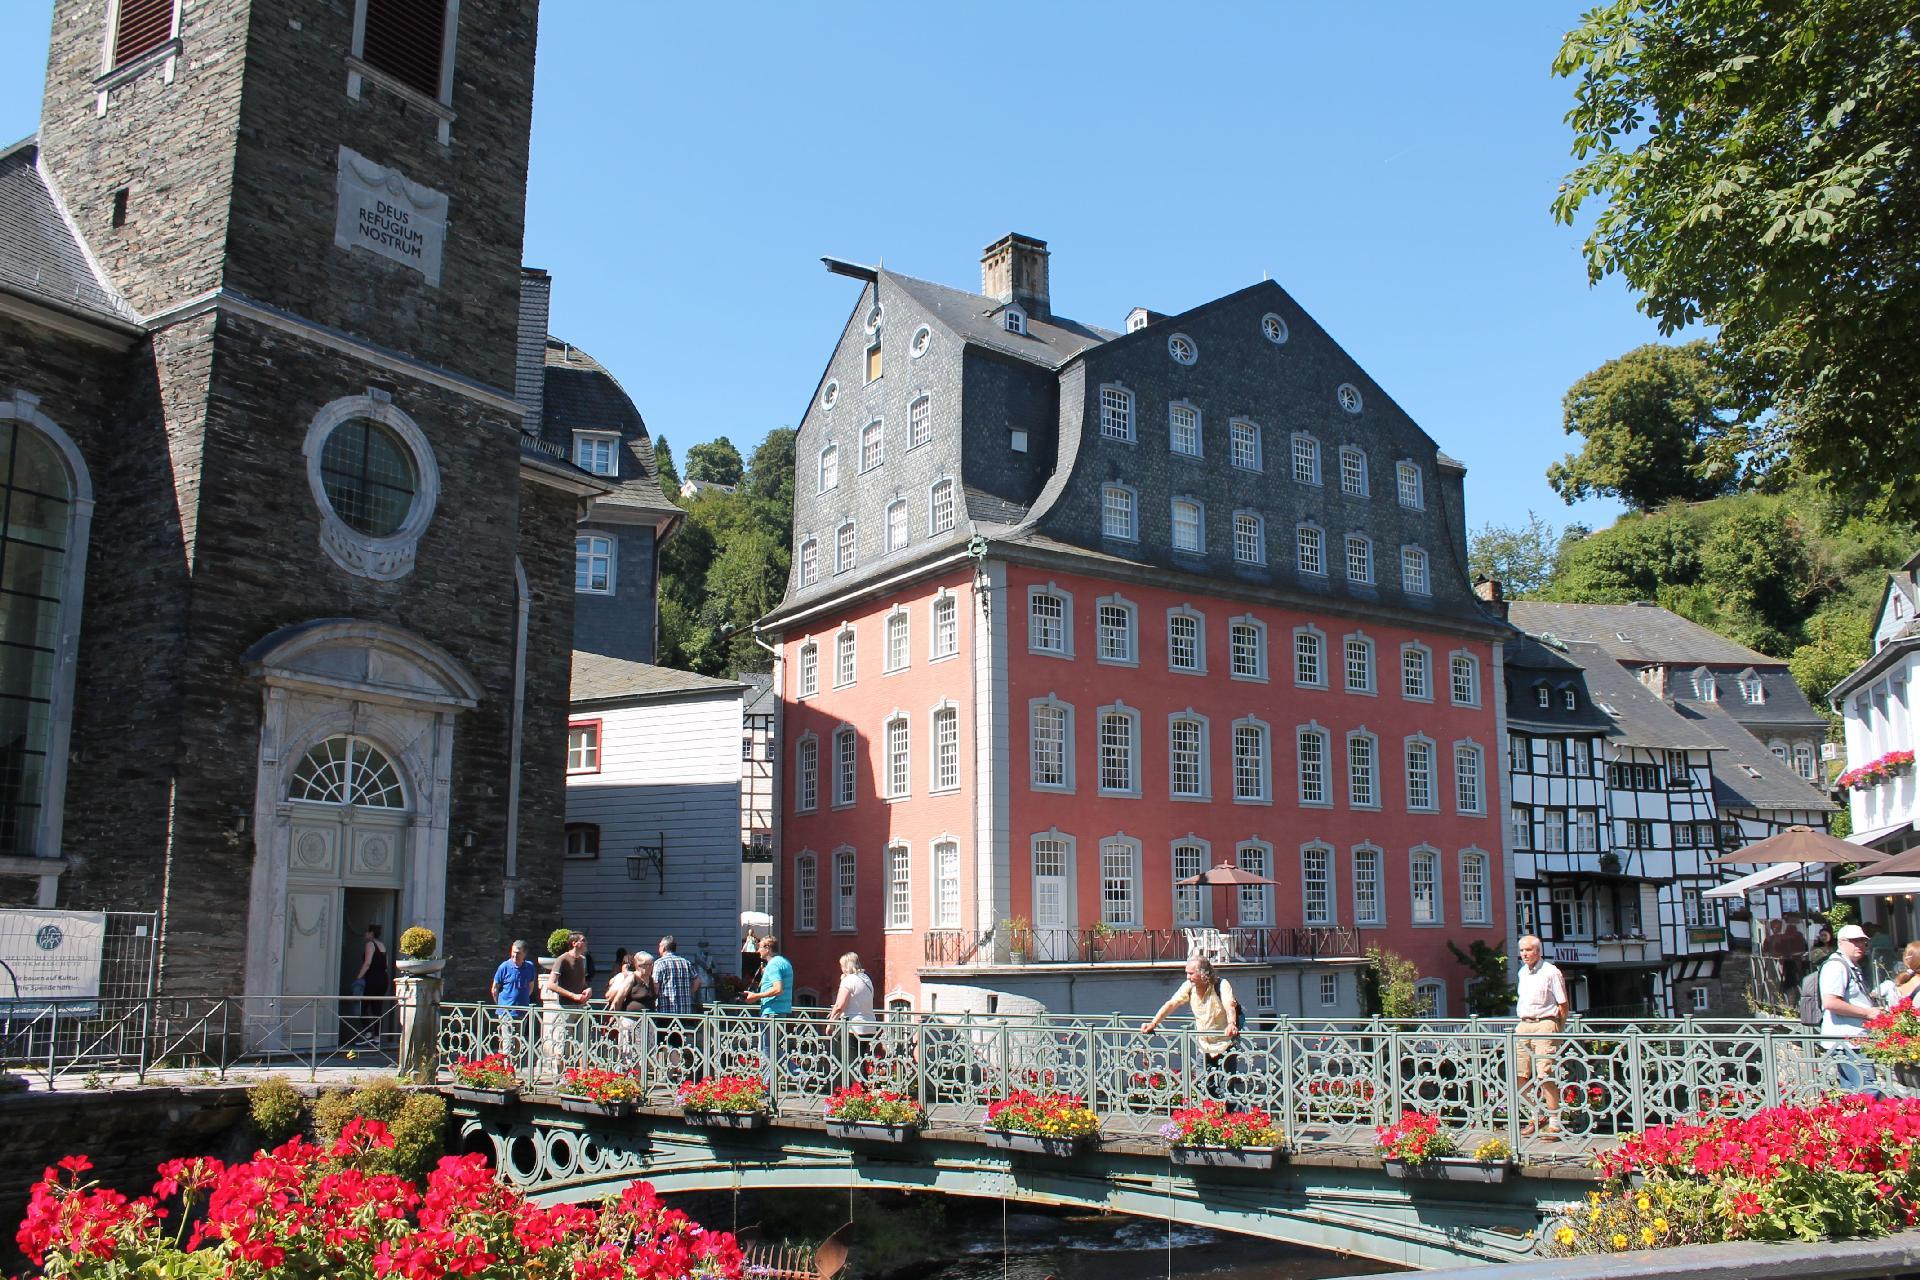 Ferienhaus für 20 Personen ca. 180 m² in   Eifel in NRW